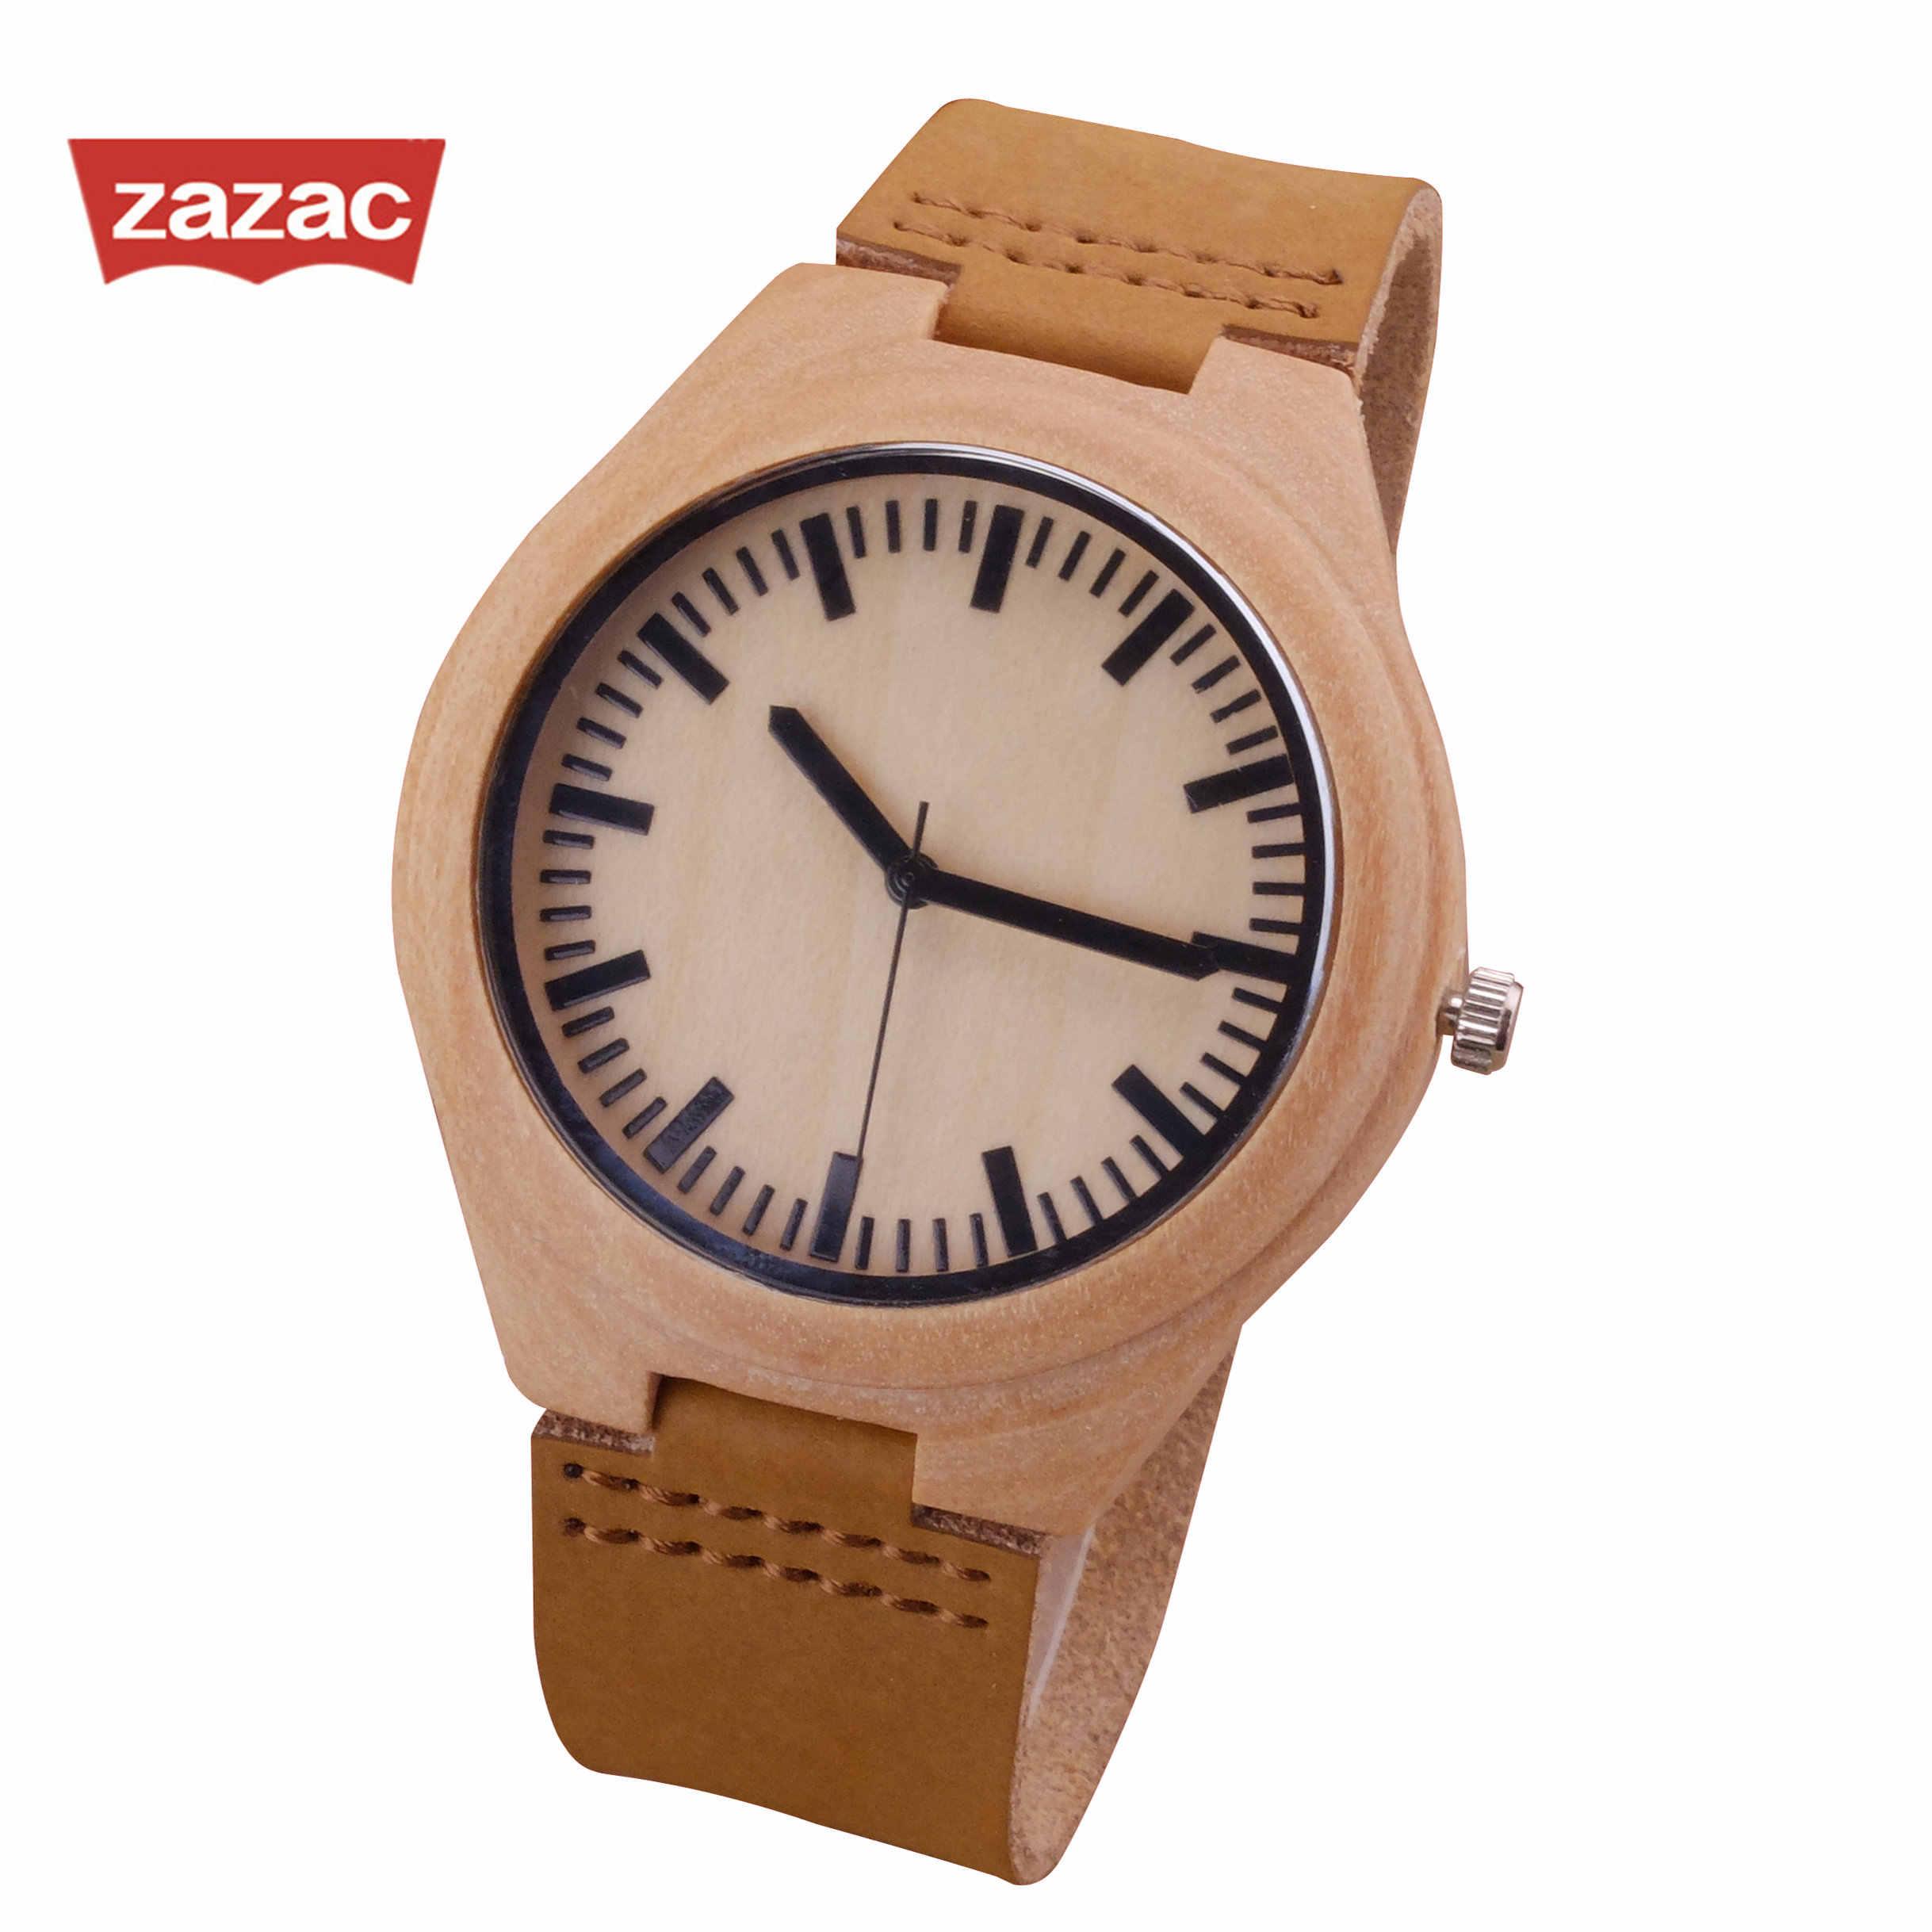 2017 nouveau haut à la mode marque de mode classique bracelet en cuir véritable bambou en bois montre décontracté bois pour hommes femmes cadeaux de noël